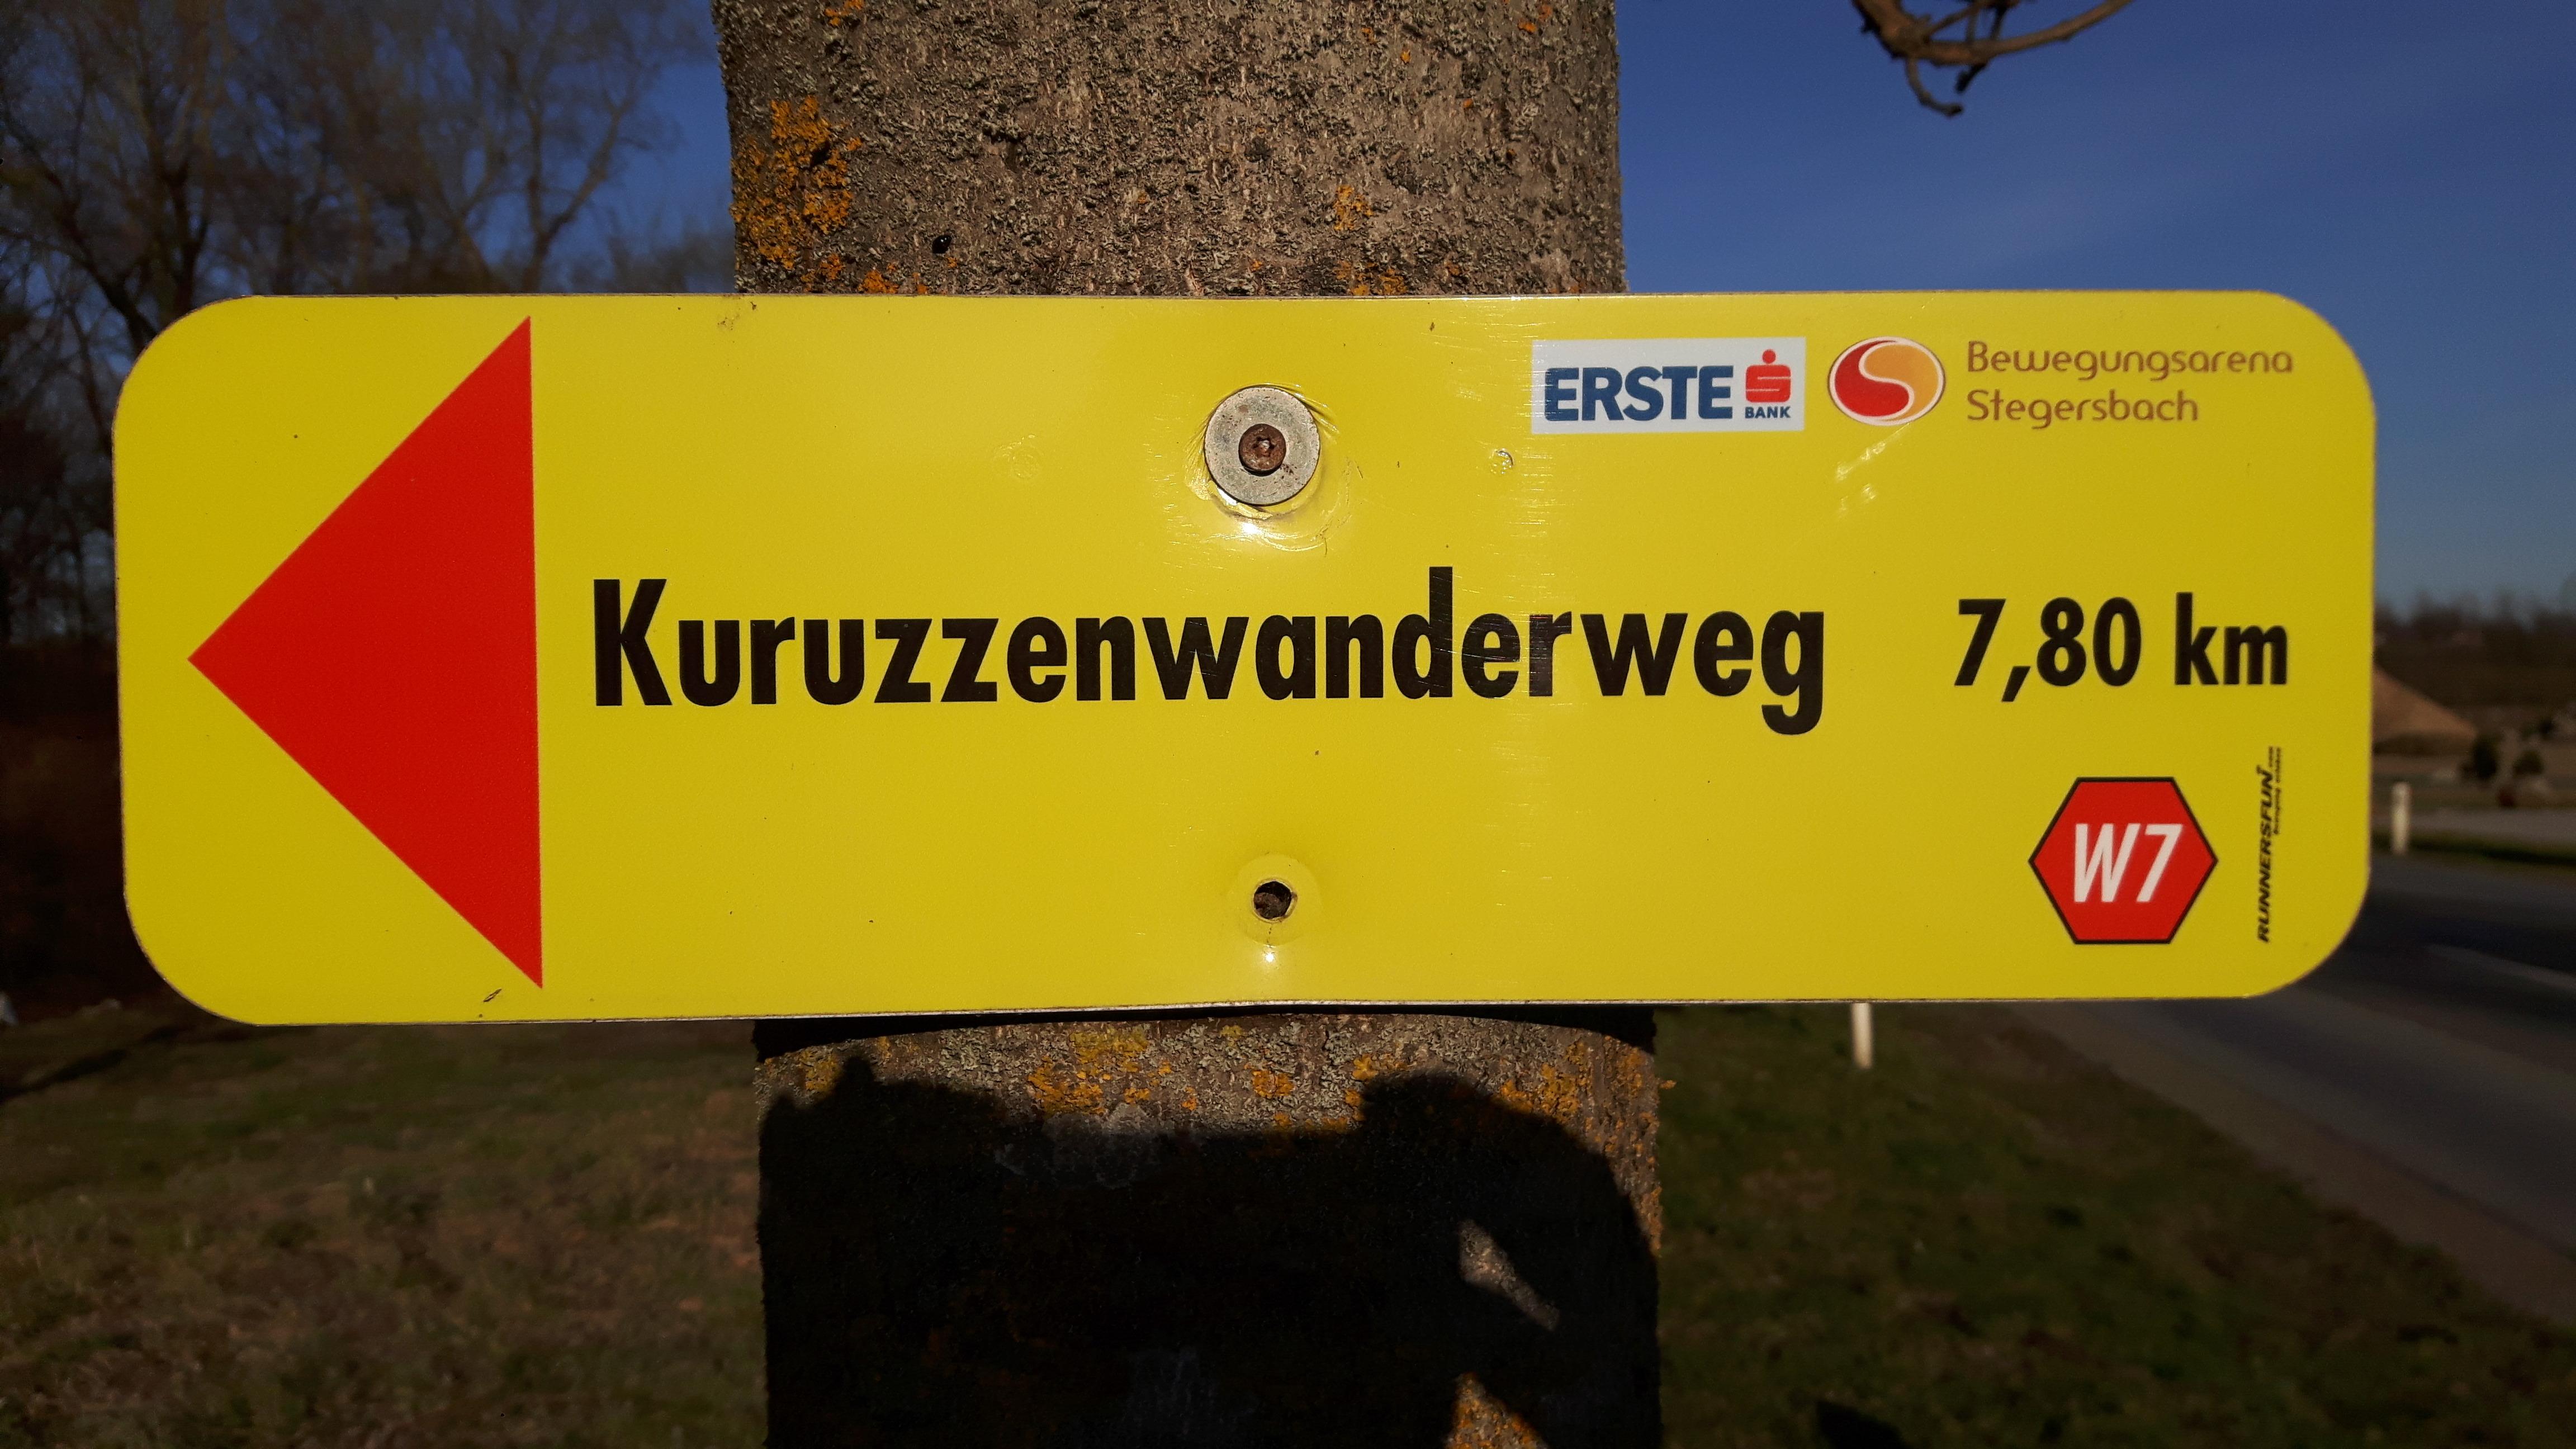 W7 Kuruzzenwanderweg